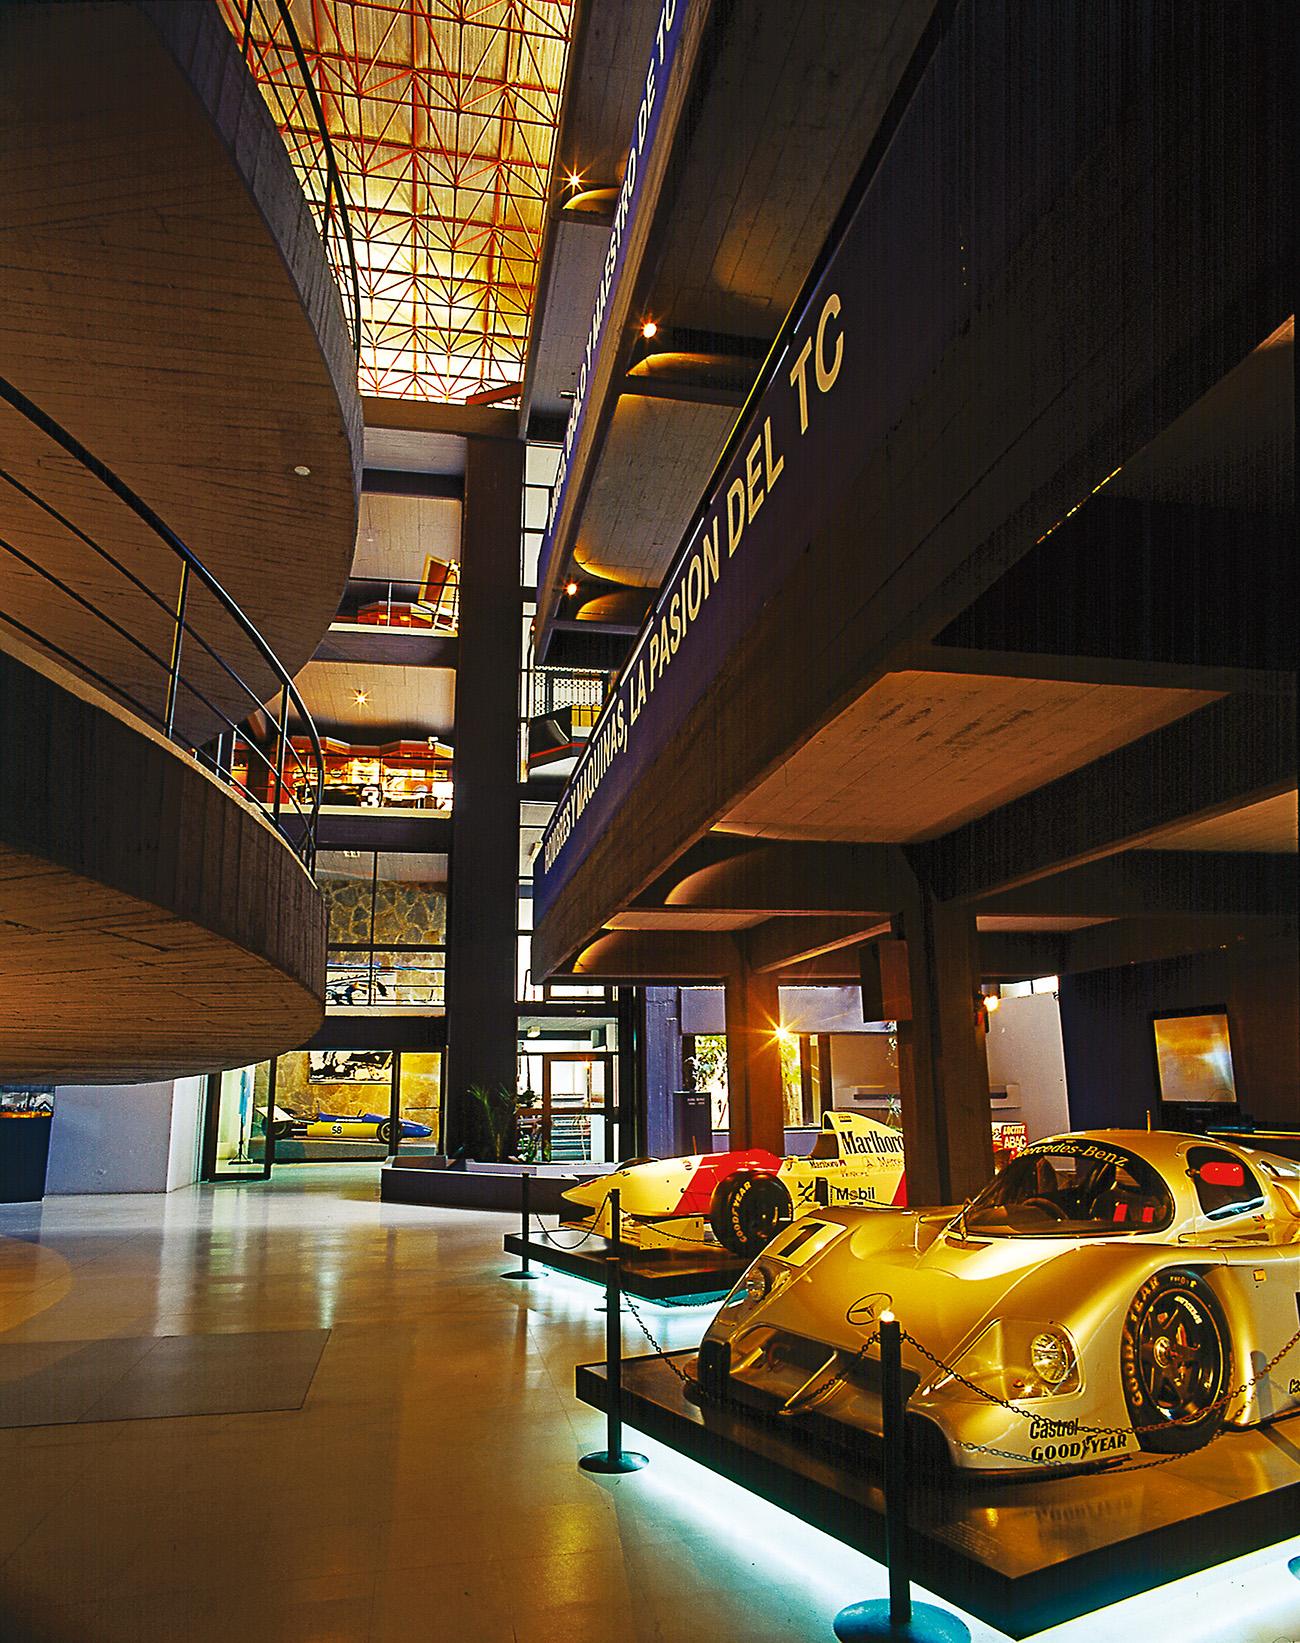 Mercedes de diferentes épocas e categorias